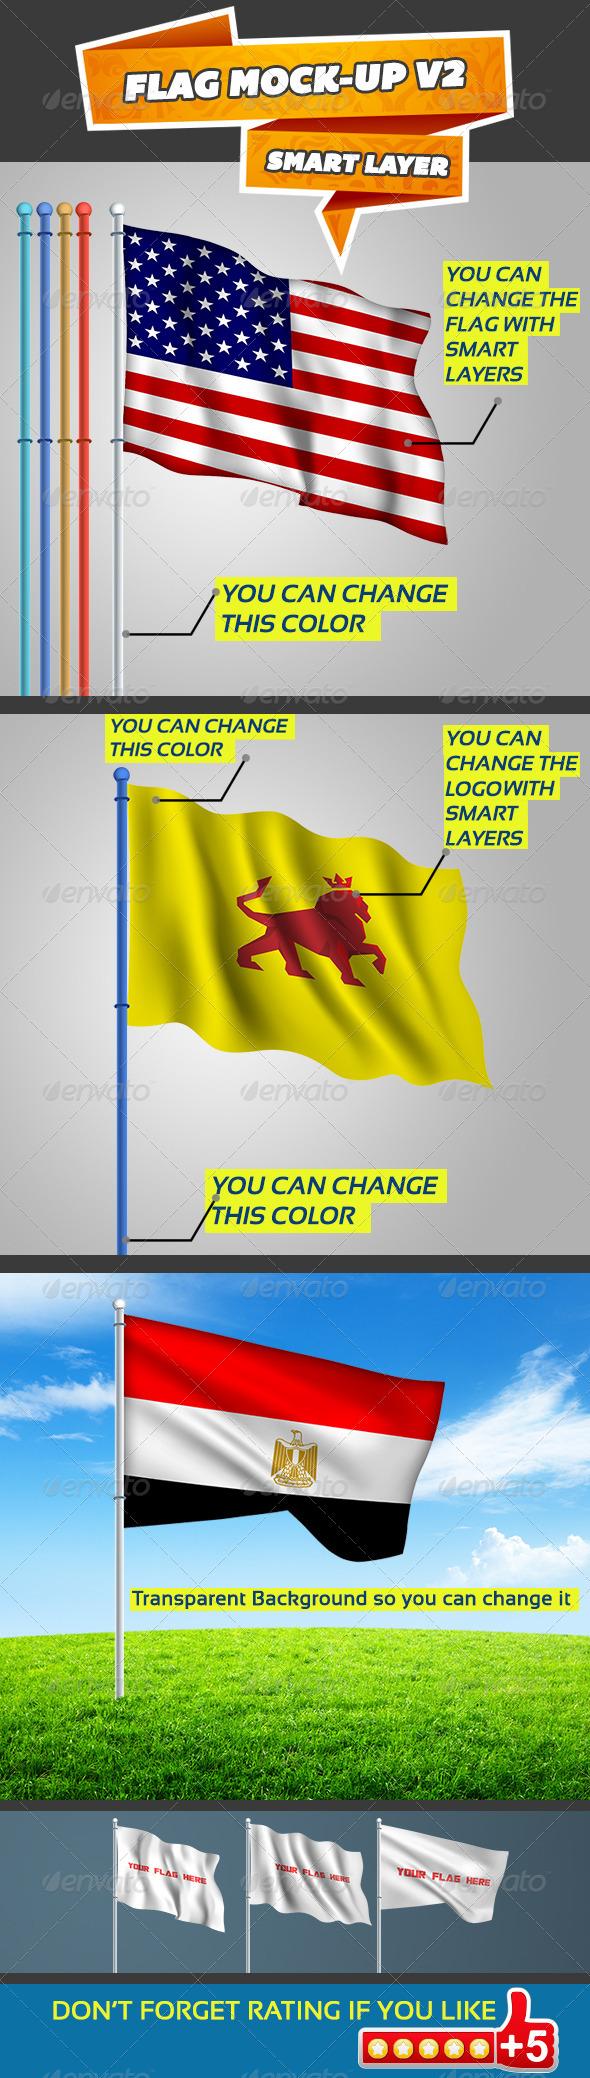 GraphicRiver Flag Mock-up V2 5330033